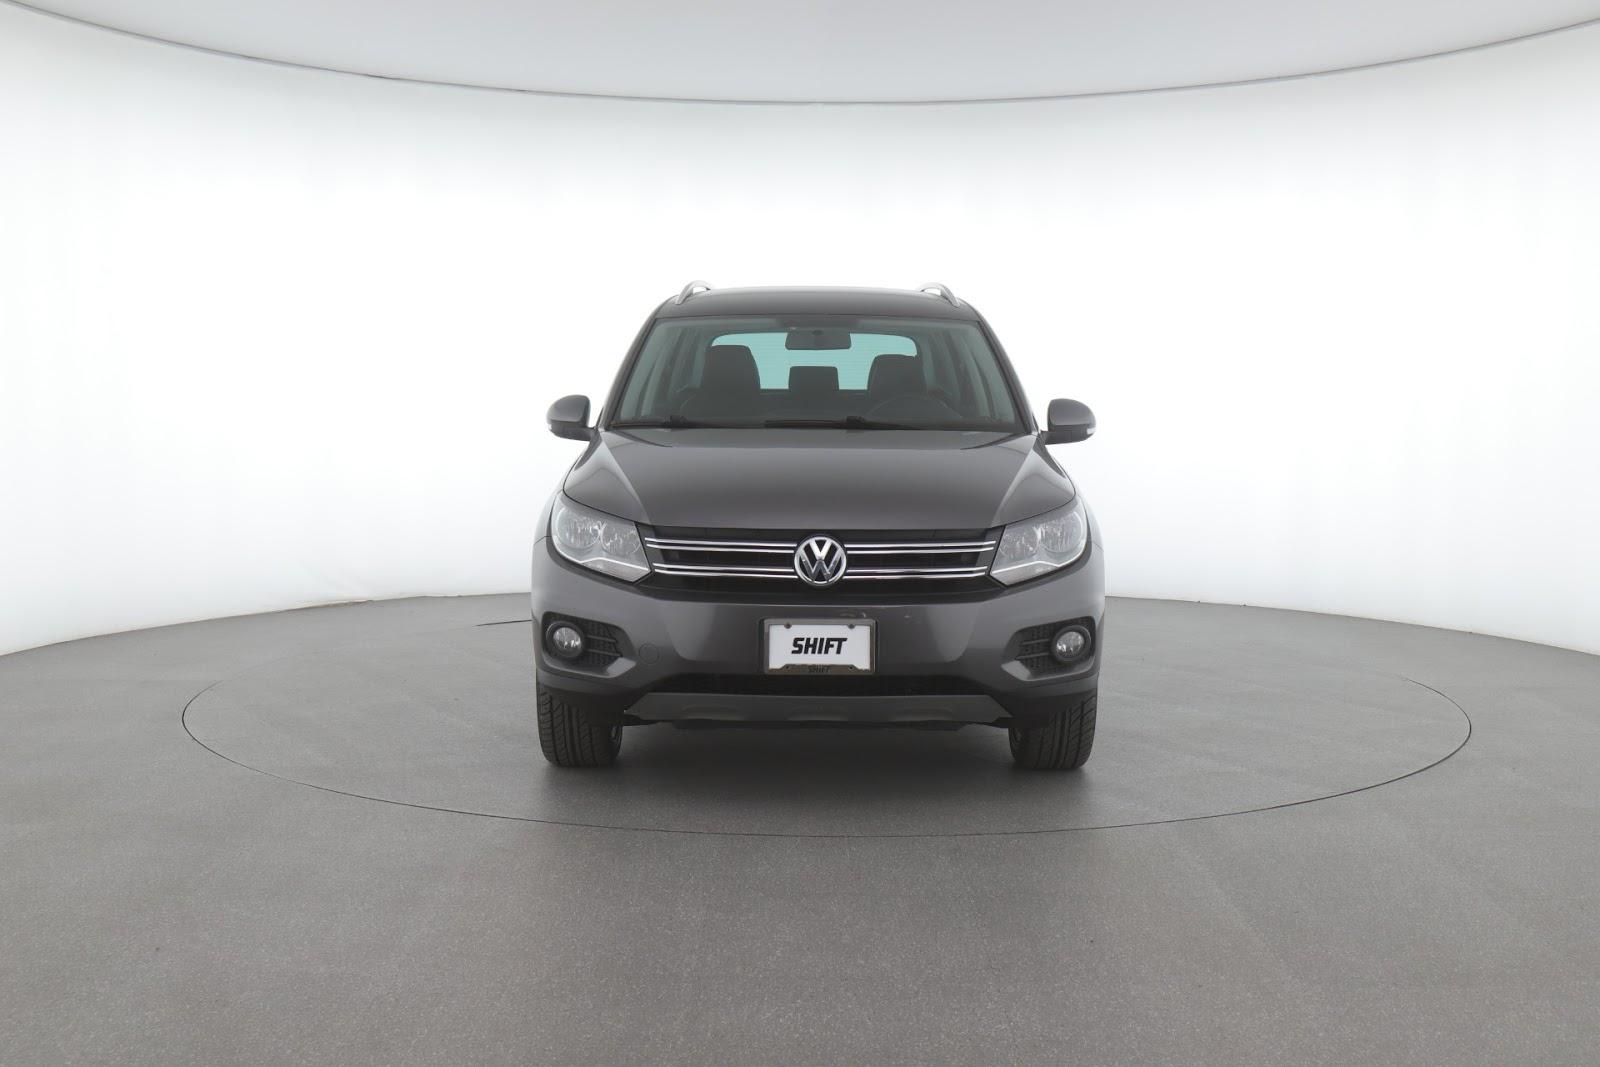 2014 Volkswagen Tiguan SE (from $8,350)